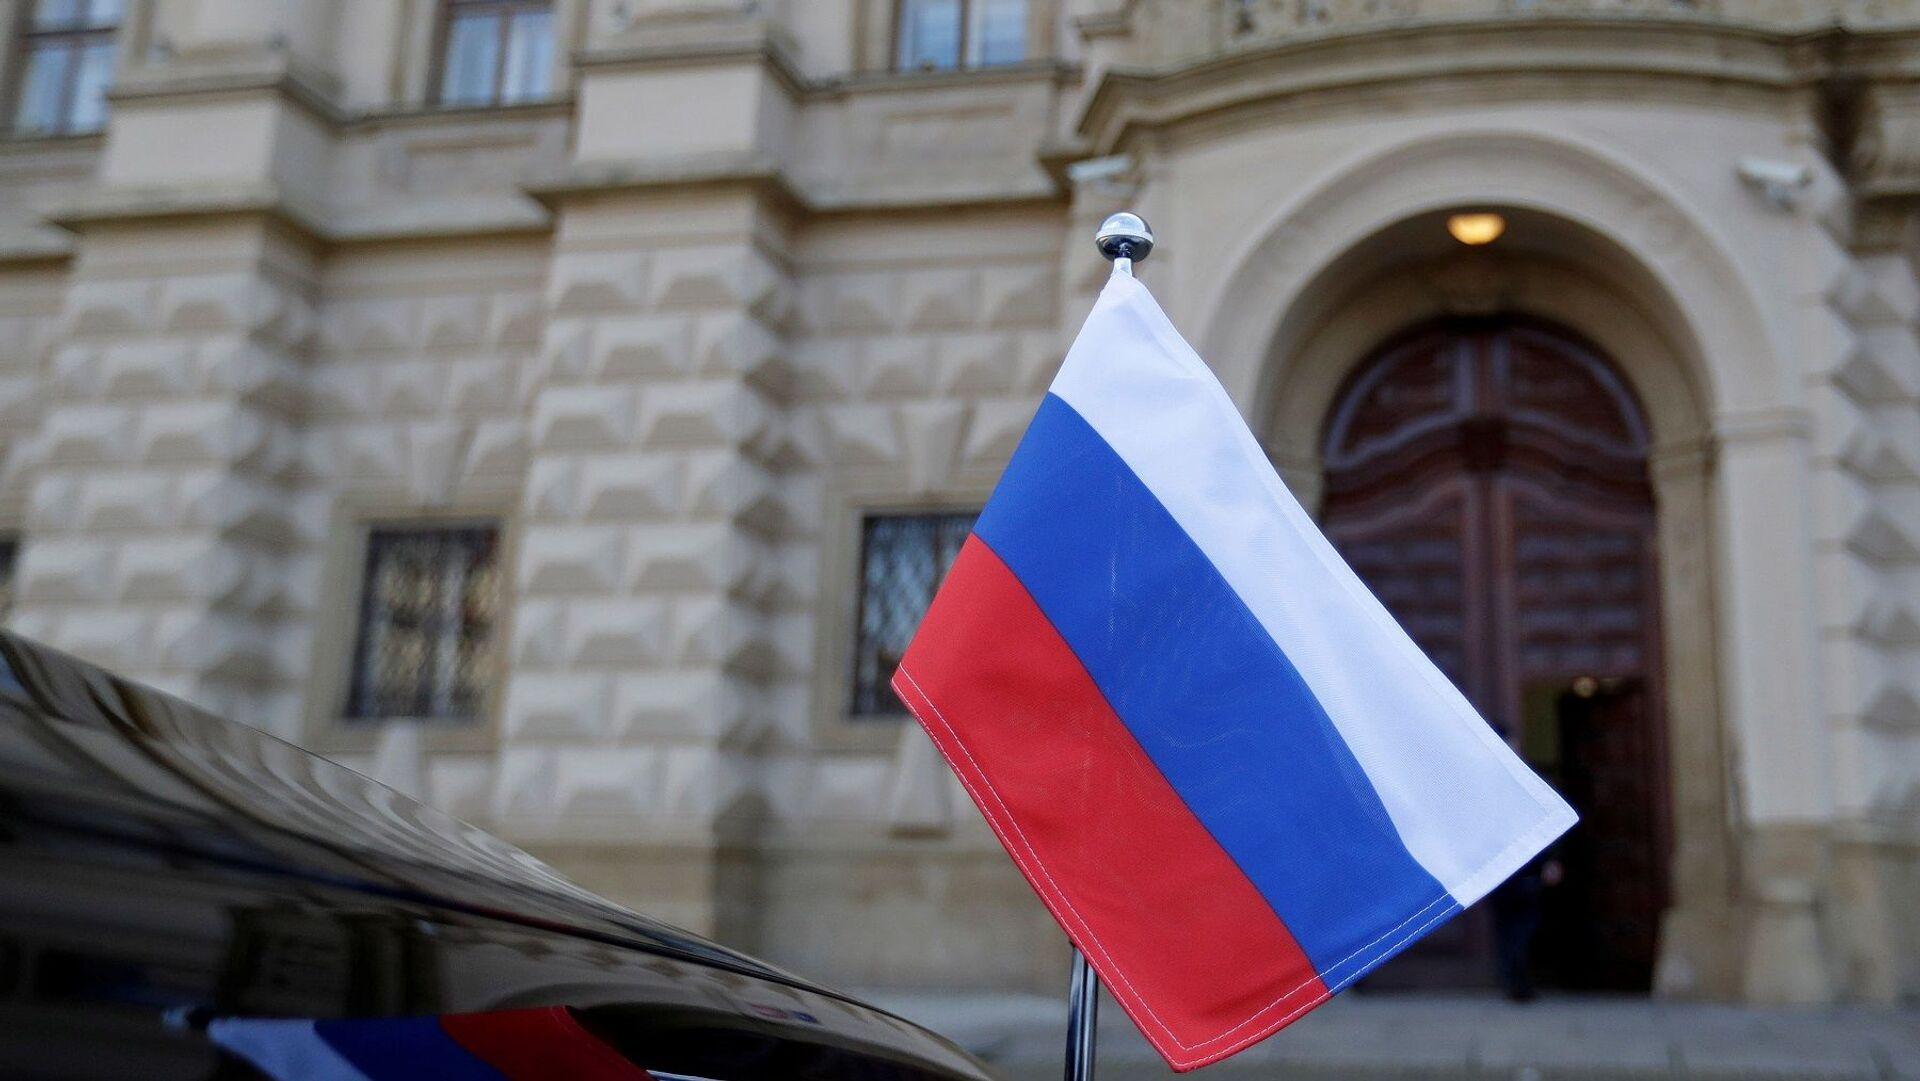 Çekya Dışişleri Bakanlığı binası - Rusya bayrağı - Sputnik Türkiye, 1920, 26.04.2021